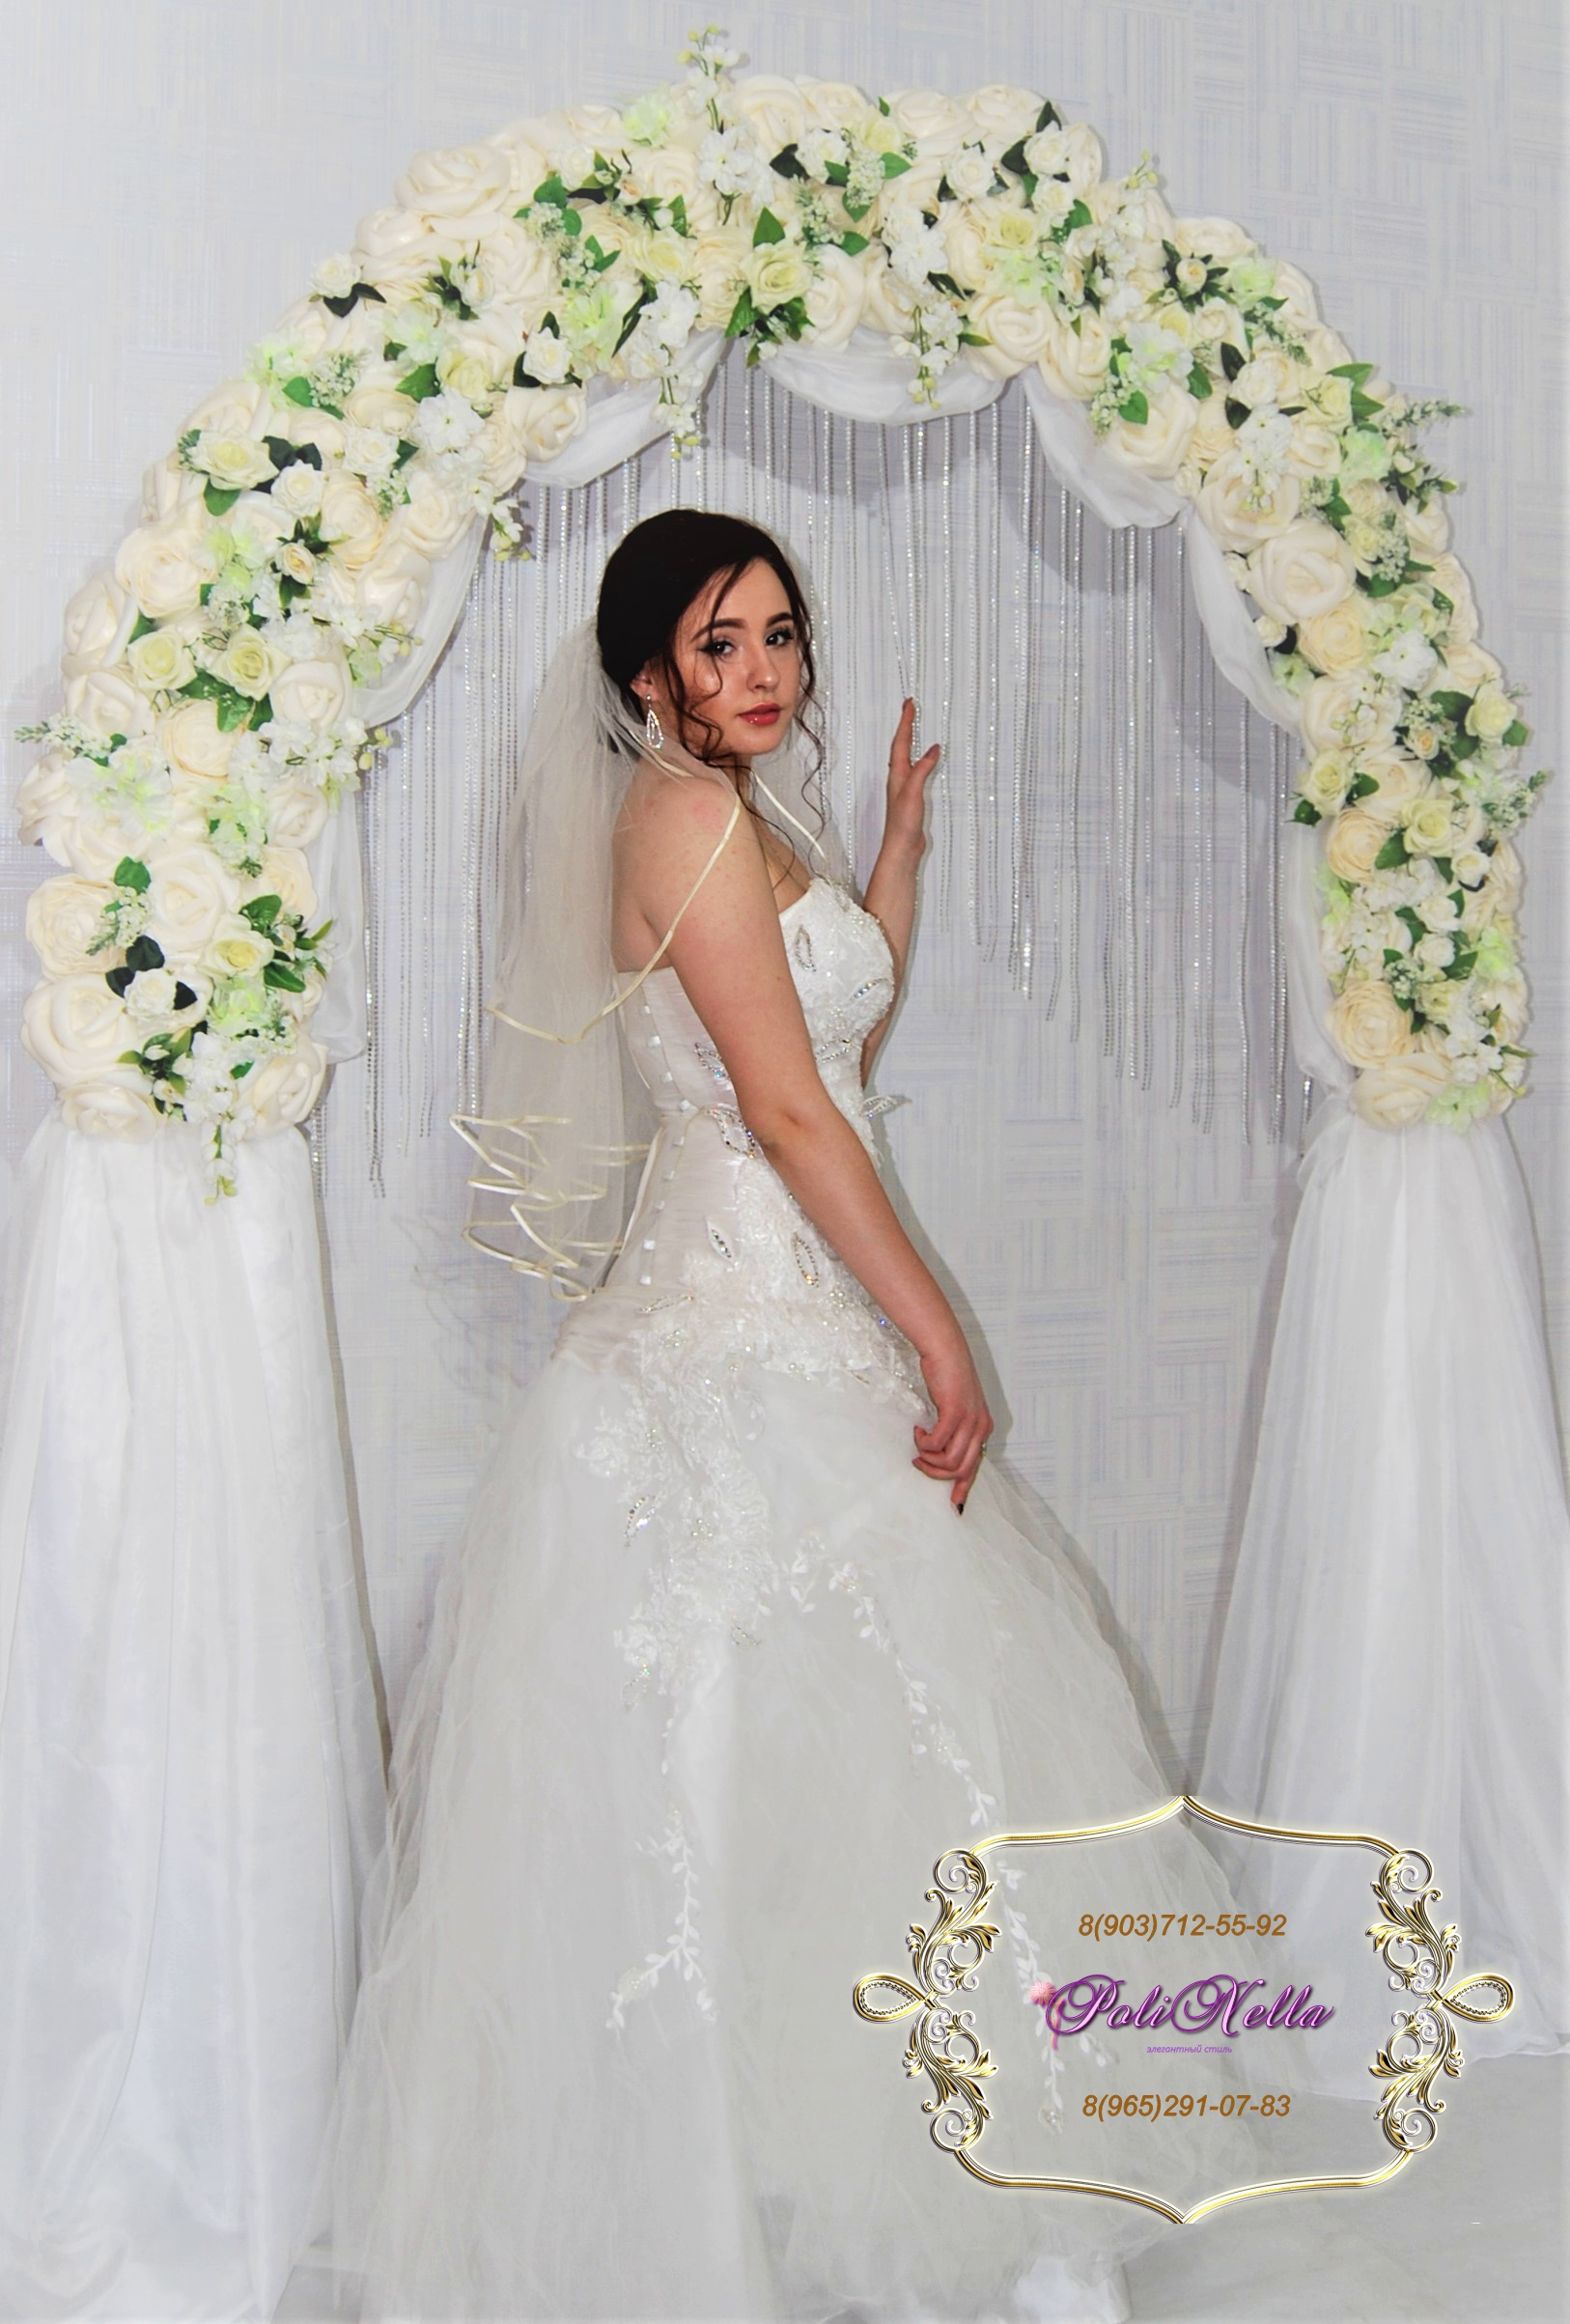 Фотозона арка украшенная гигантскими цветами